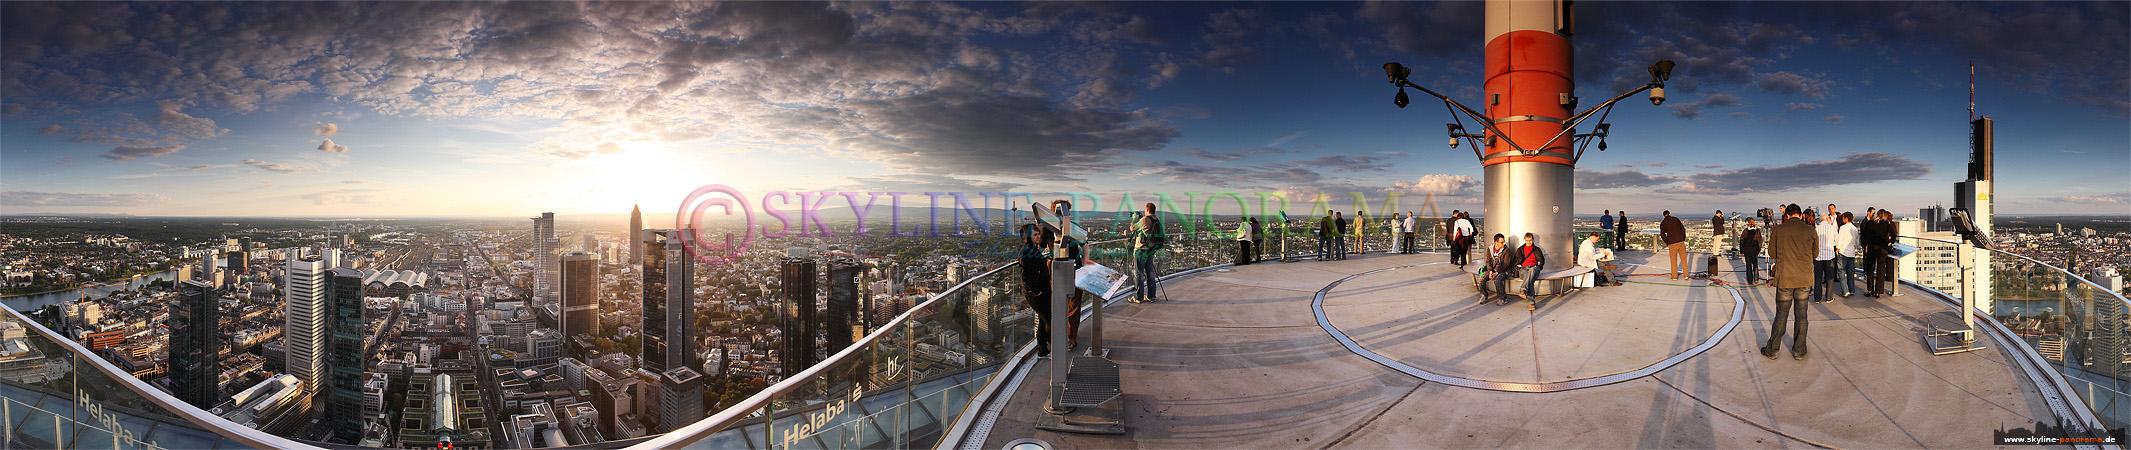 Frankfurt von oben - Maintower Aussichtsplattform | Dieses Bild zeigt eine 360° Aussicht von der Plattform des Frankfurter Maintower auf den Westen der Mainmetropole. Zahlreiche Besucher genießen an diesem Sommertag die Fernsicht von dem höchsten Aussichtspunkt der Stadt.